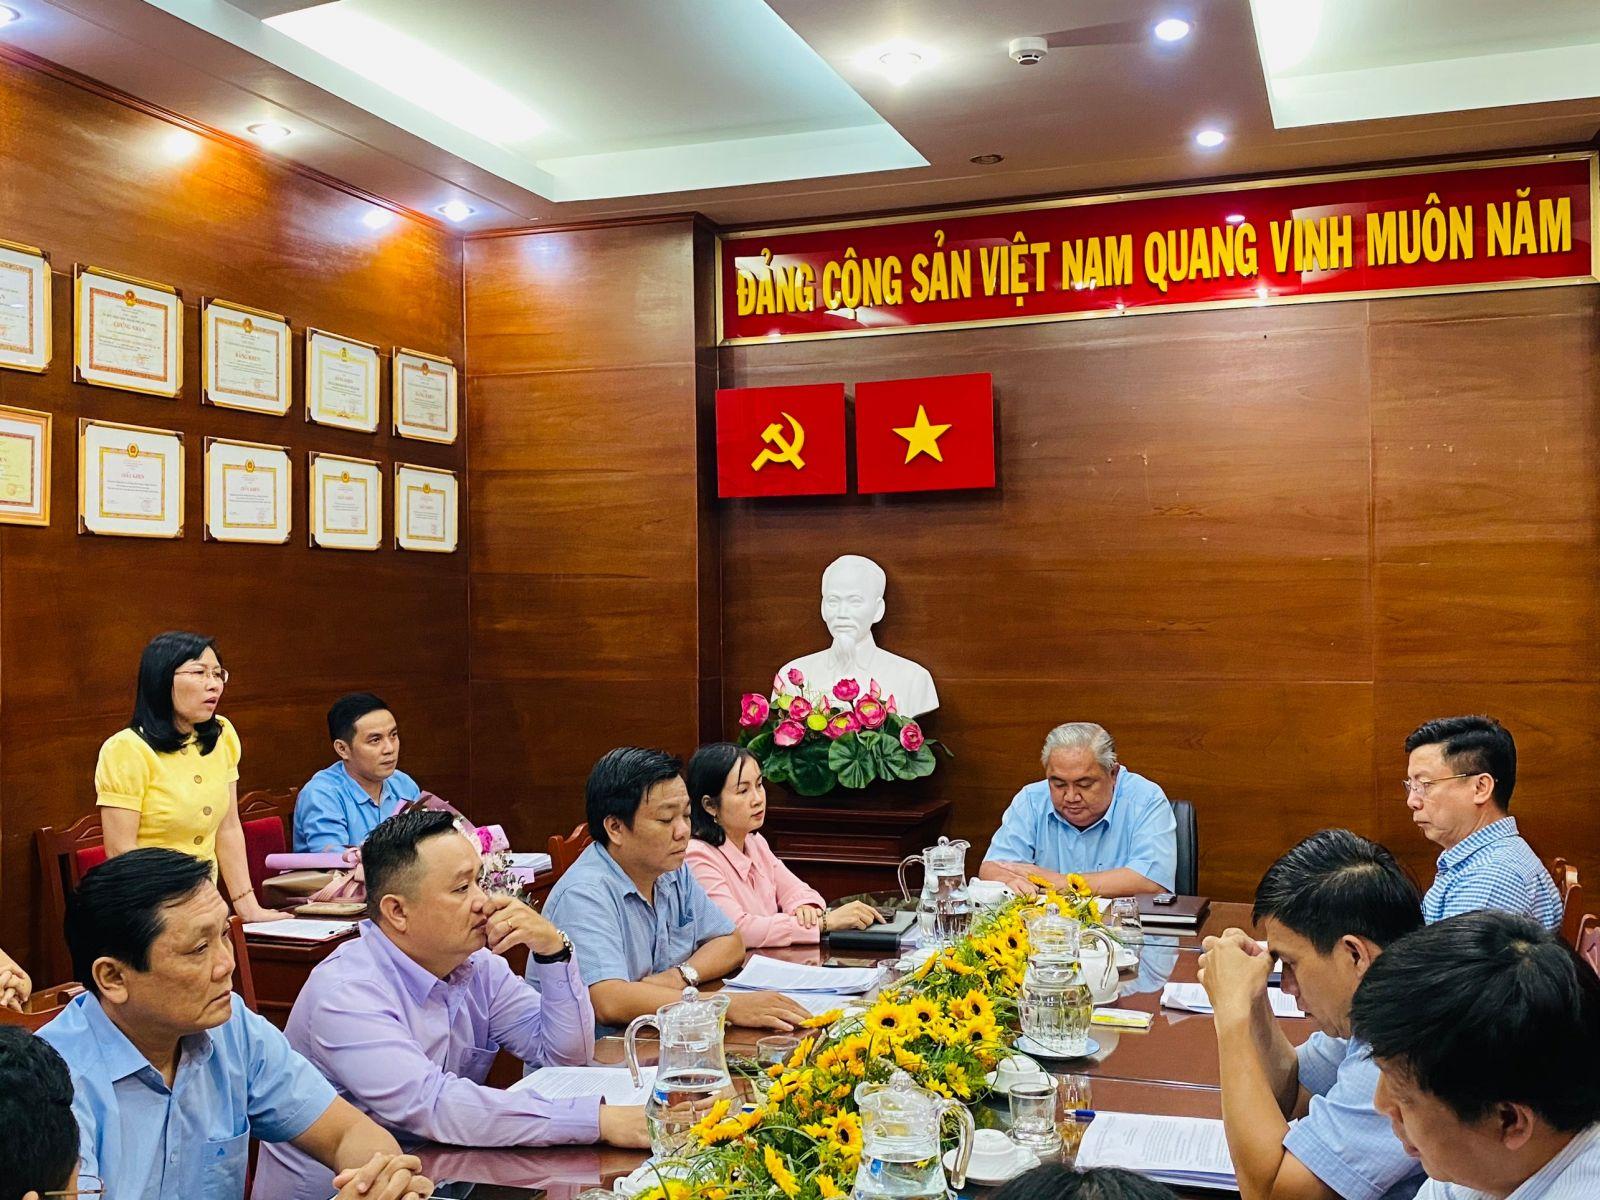 Trao quyết định bổ nhiệm Kiểm soát viên chuyên trách Công ty TNHH MTV Dược Sài Gòn